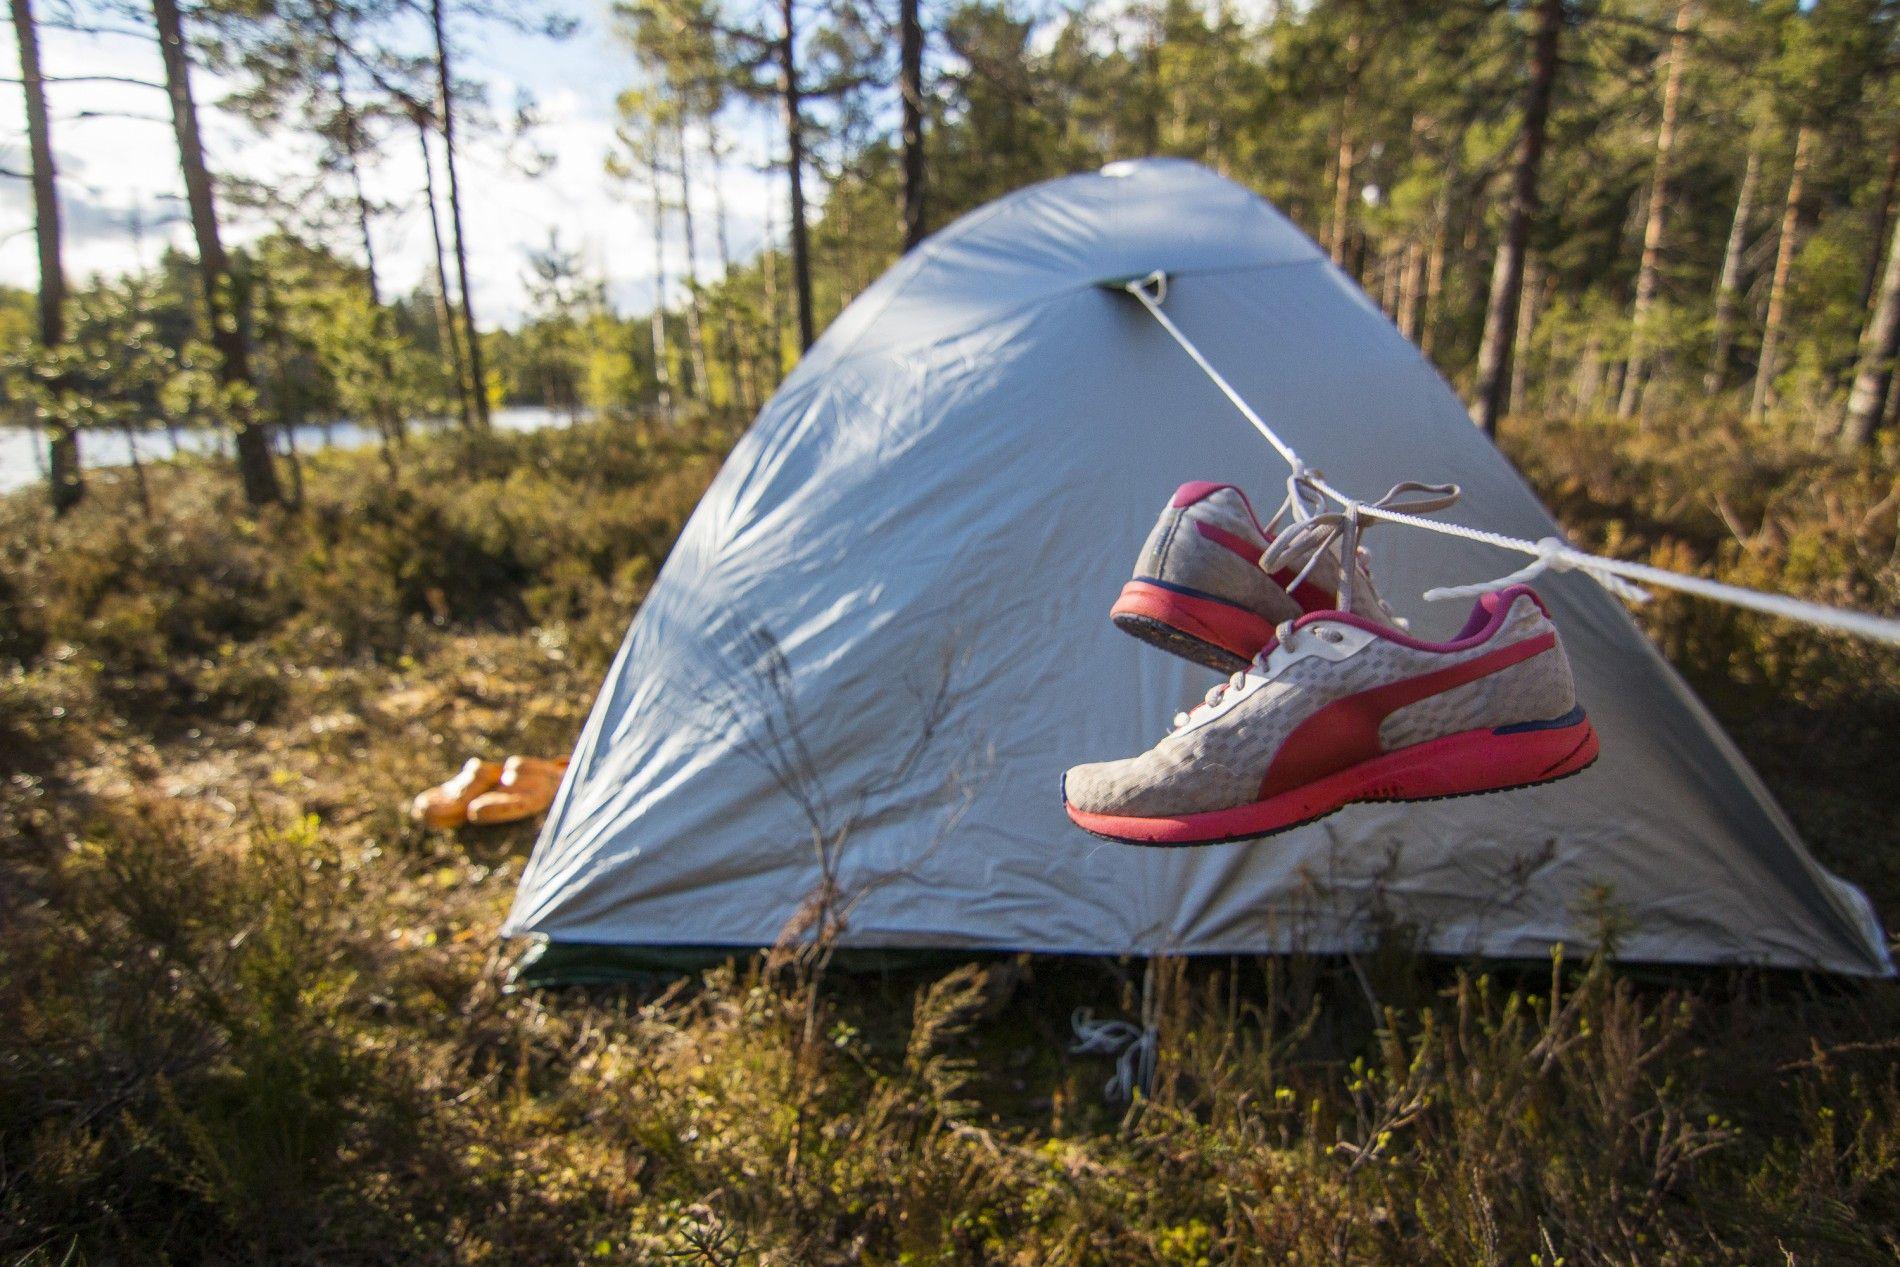 Isojärven kansallispuisto / Rinkkaputki http://www.stoori.fi/rinkkaputki/isojarvi/